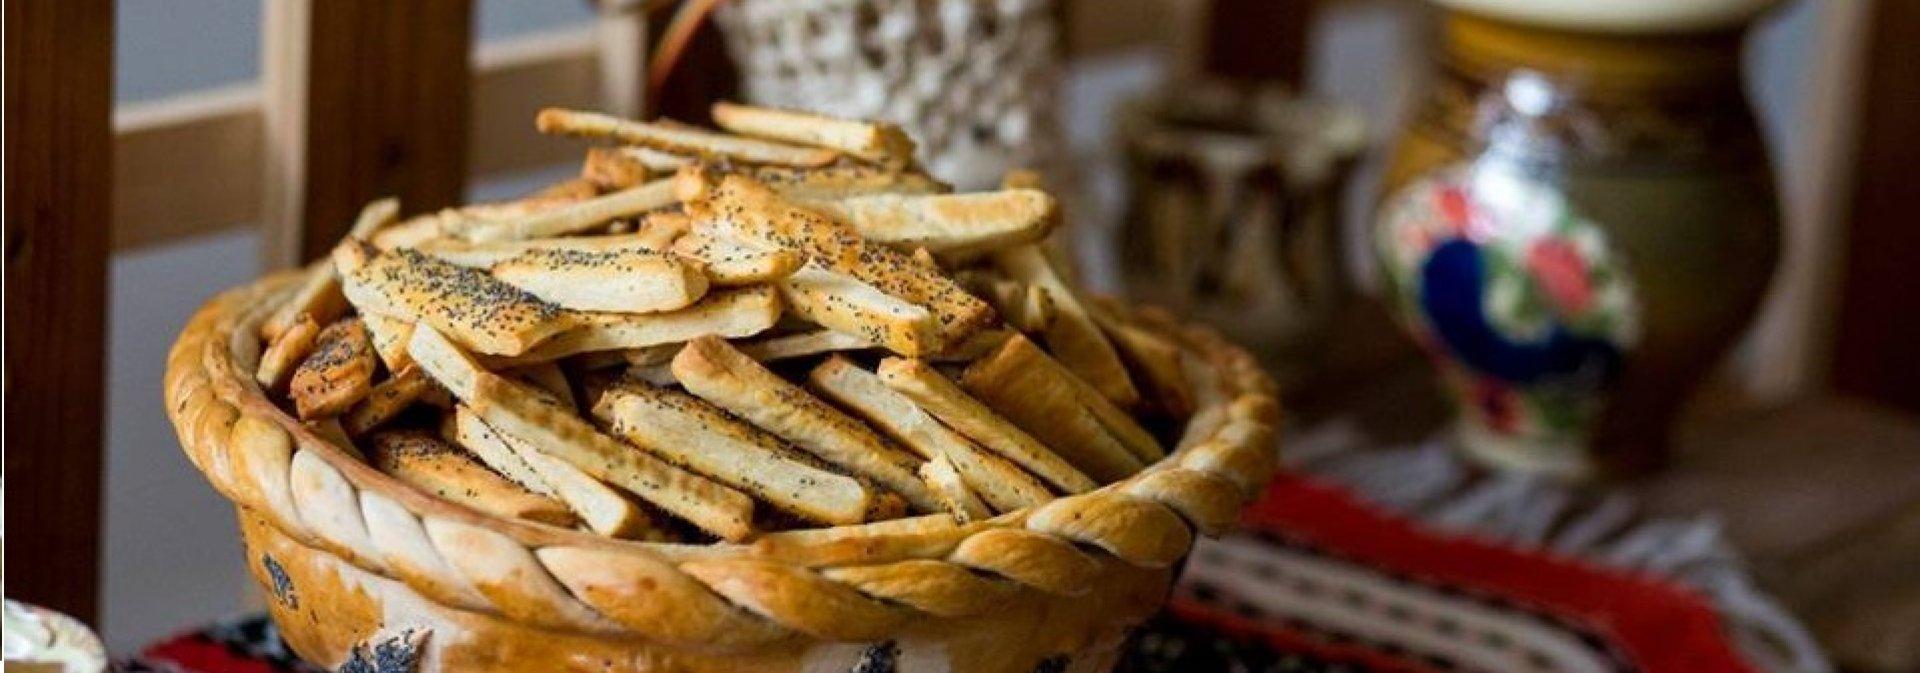 Brutăria Artizanală Coșul cu pâini, Iași